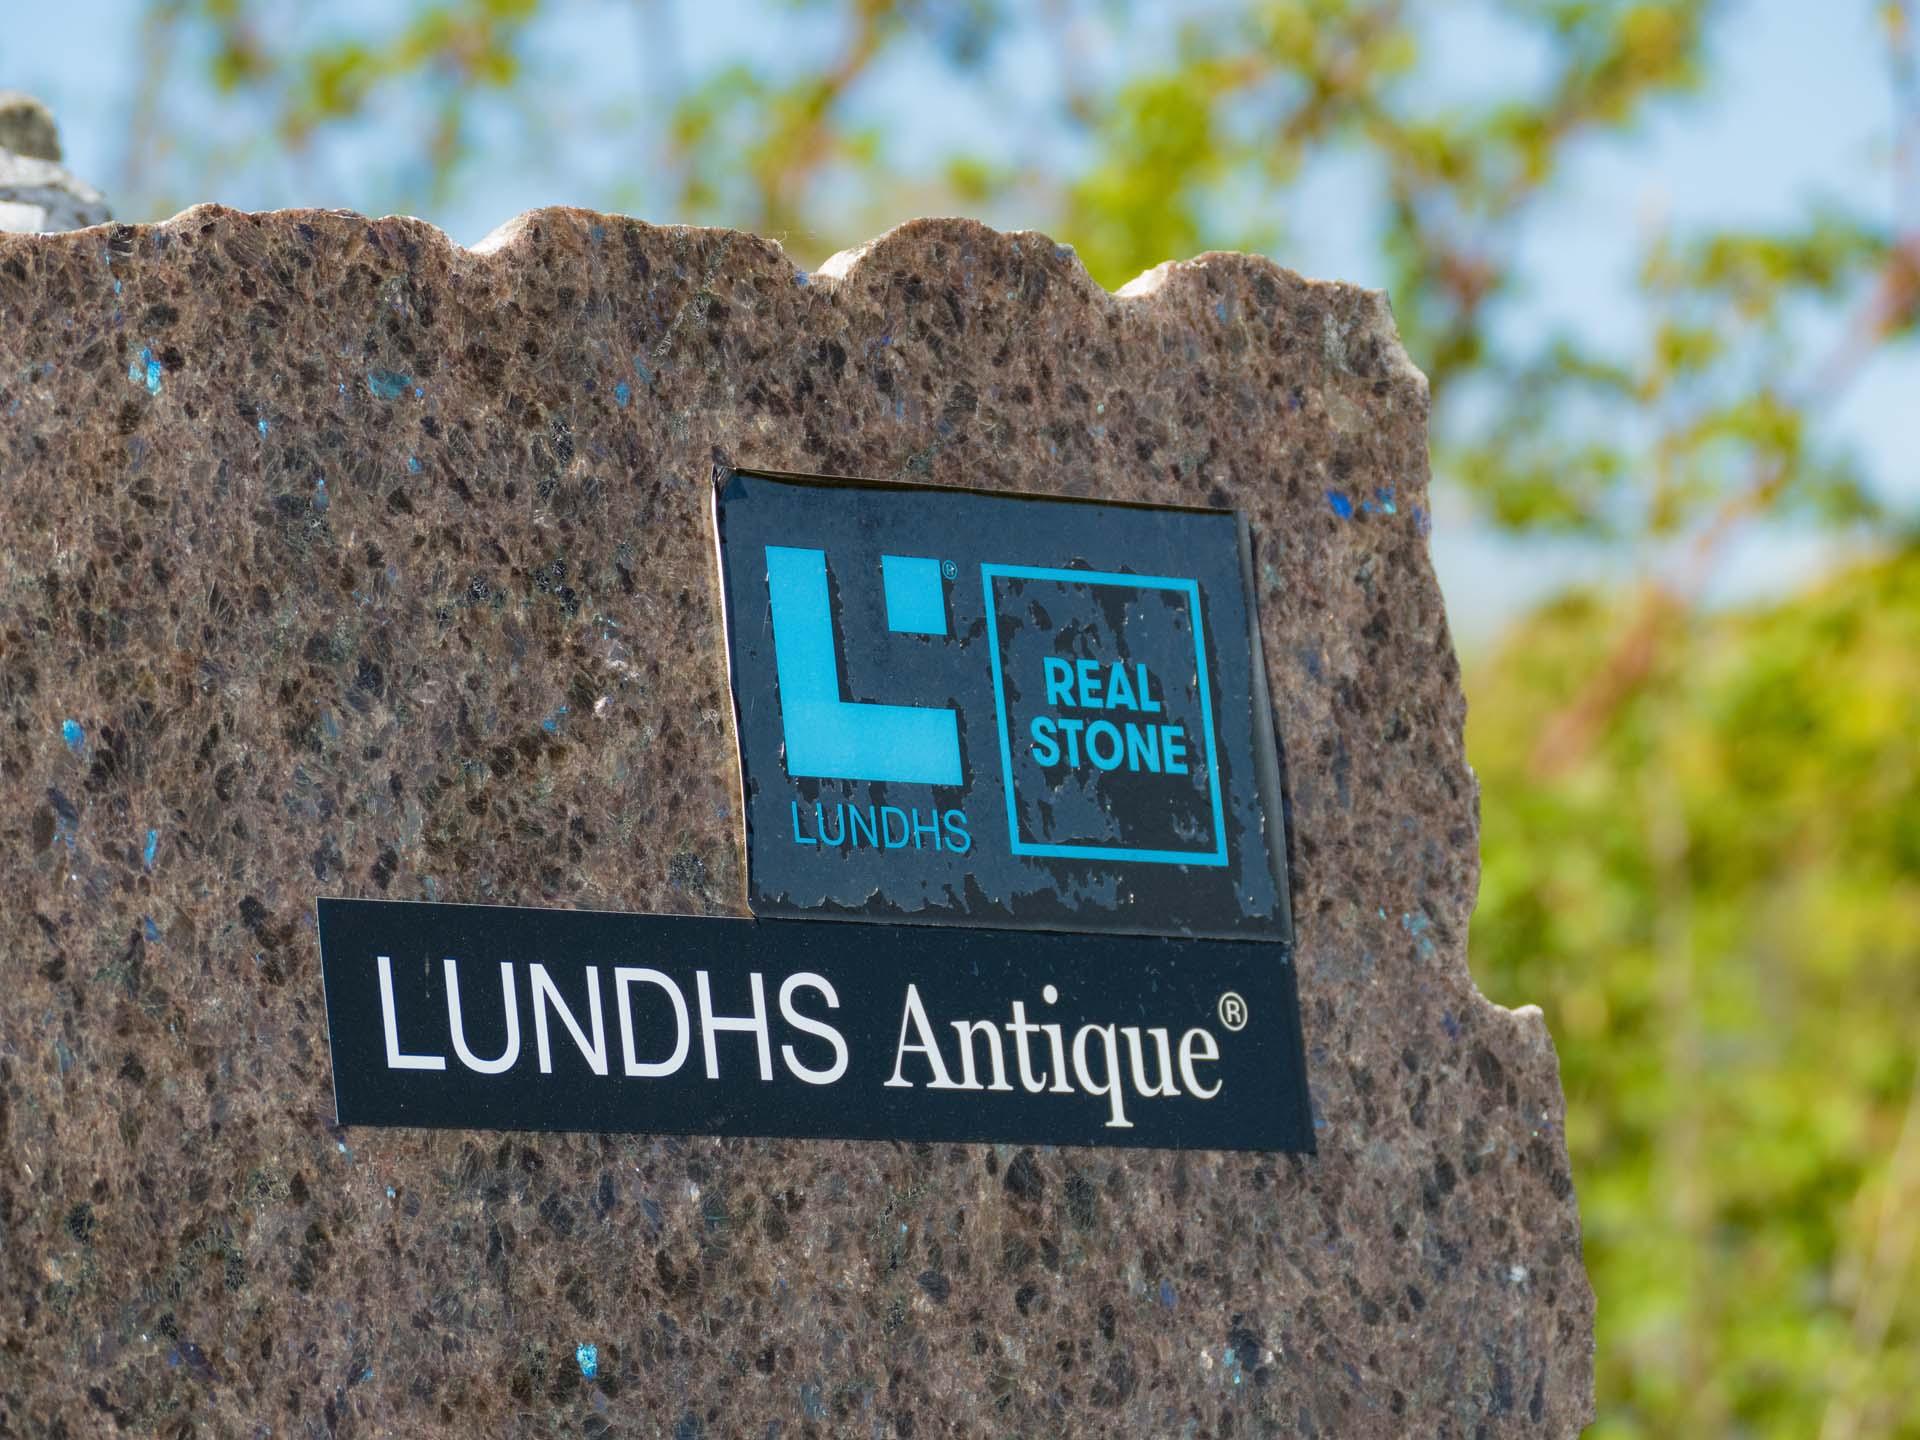 cullifords-lundhs-granite-slabs-quartz-spring-134046